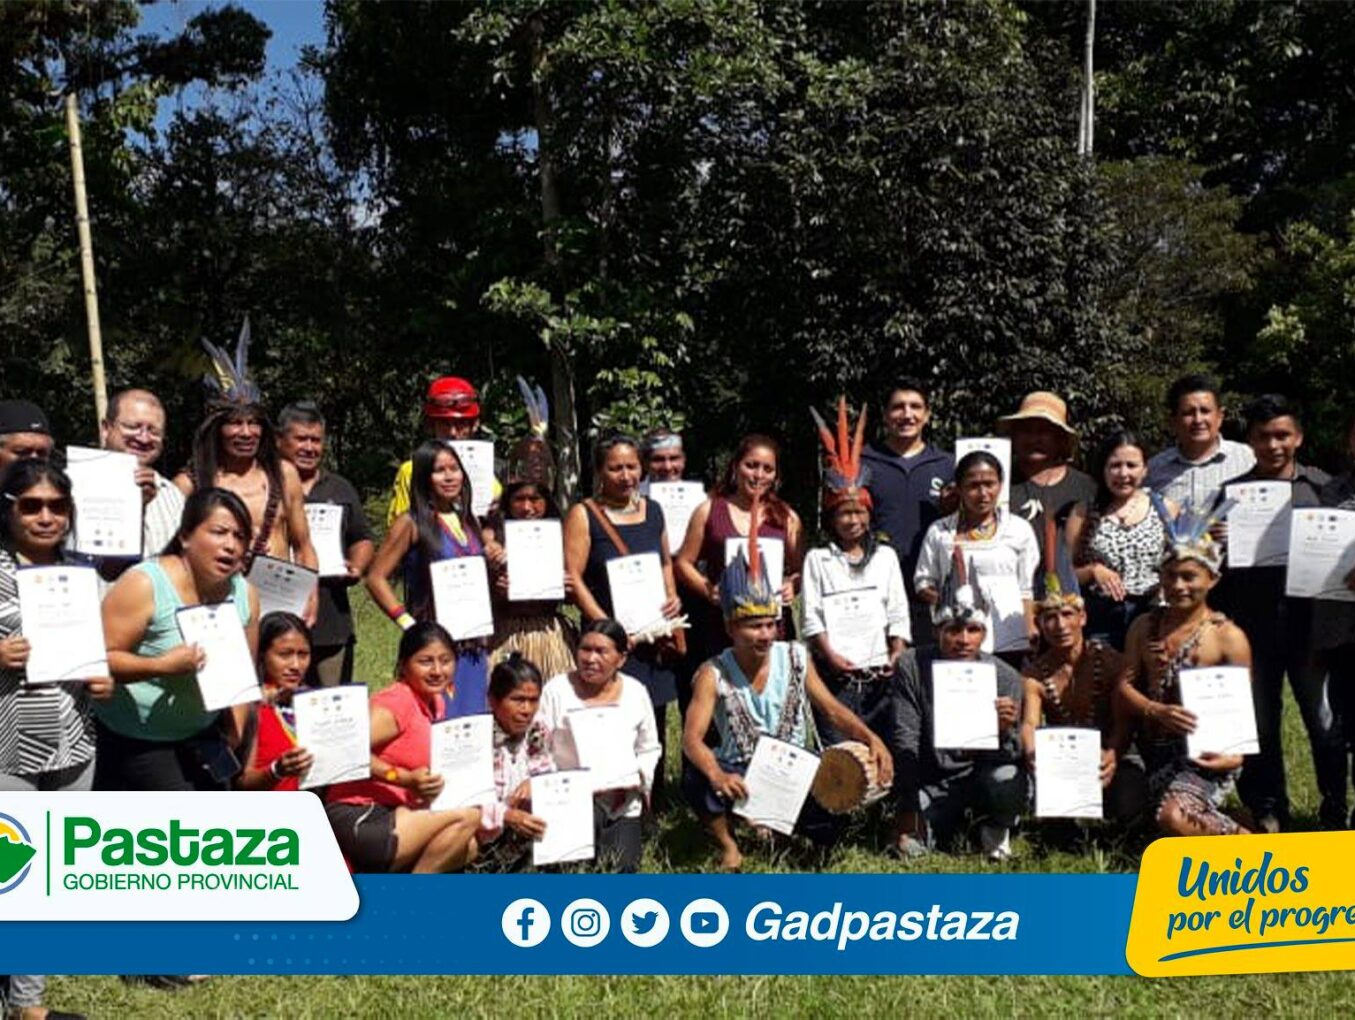 Prefectura de Pastaza capacitó a emprendedores de Turismo Rural sobre los ODS!